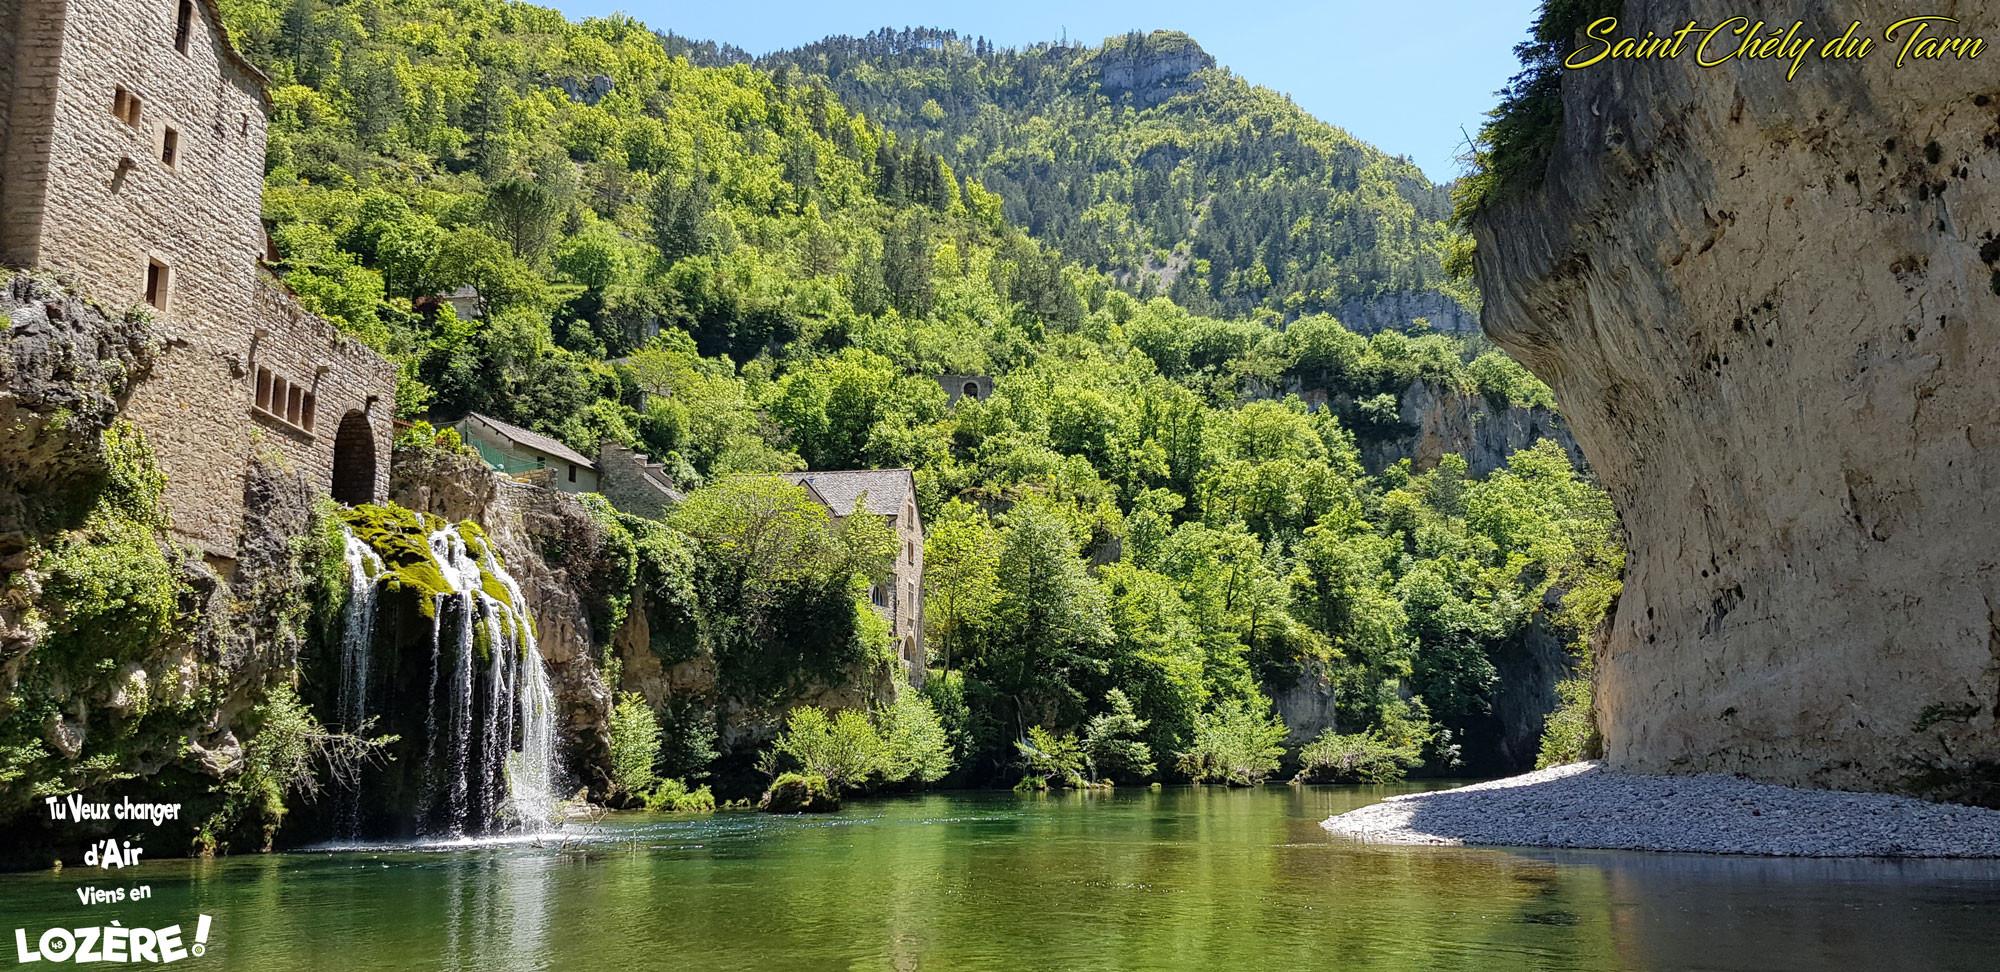 Saint-Chély-du-Tarn-4.jpg